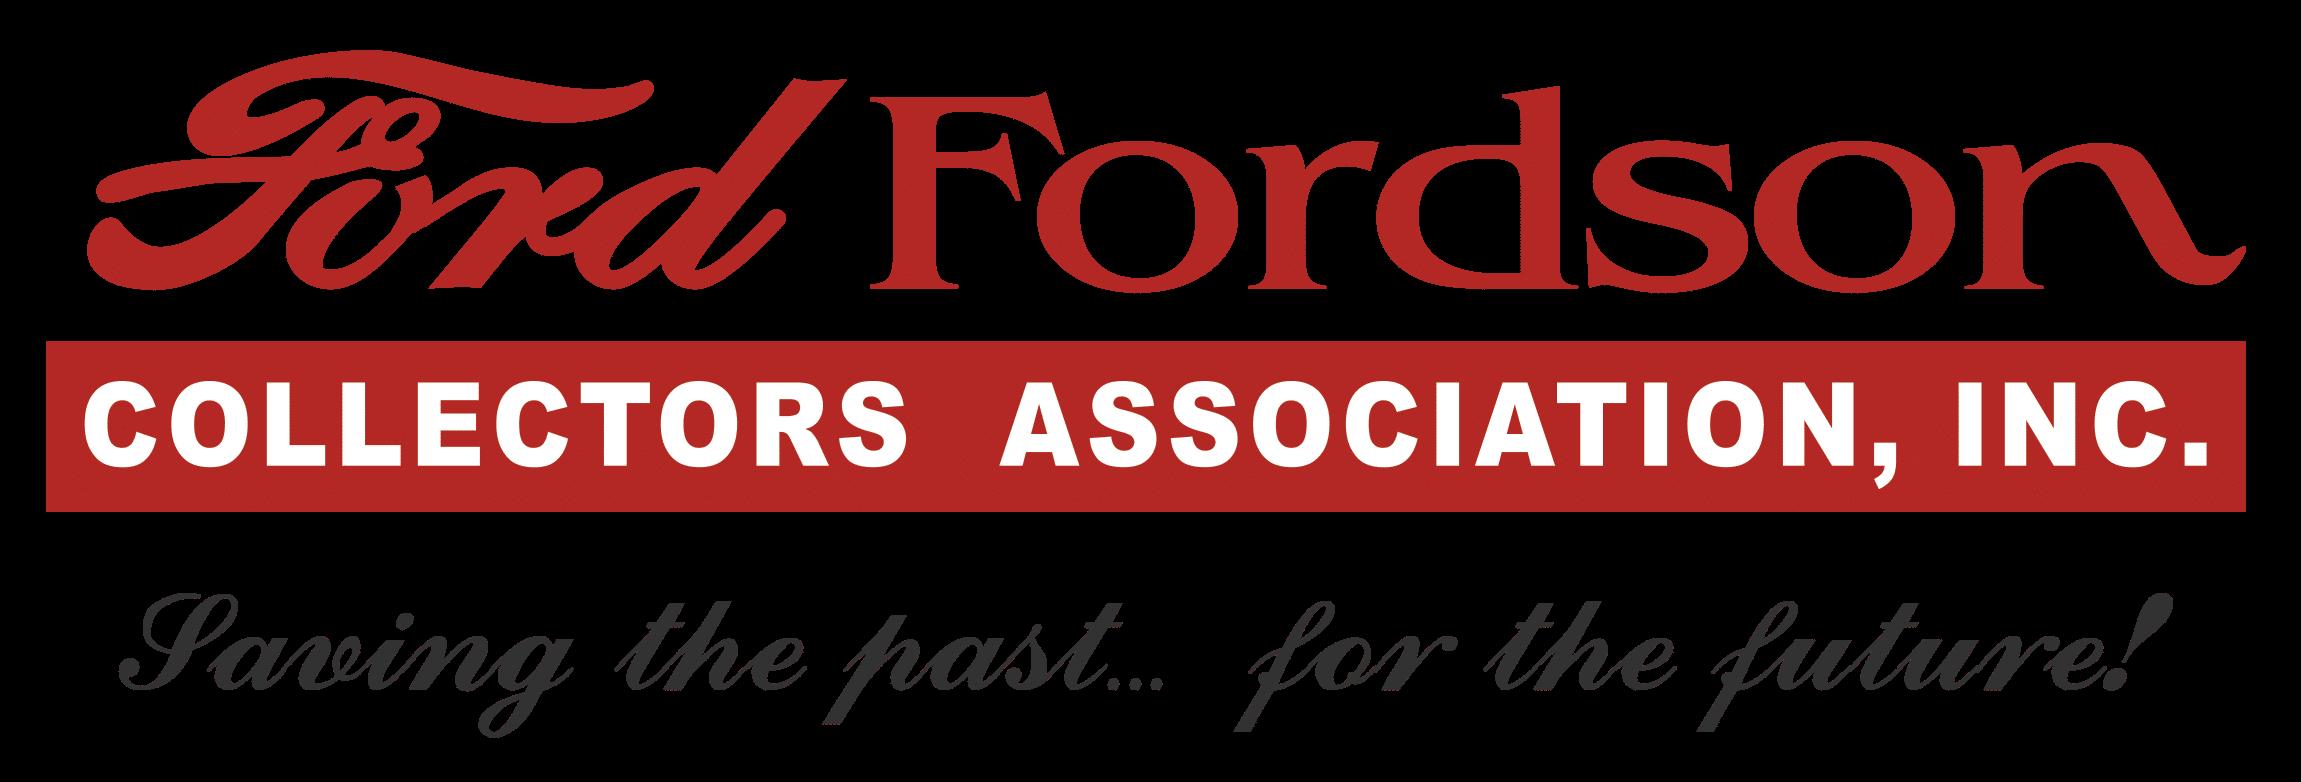 FFCA logo_Mobile